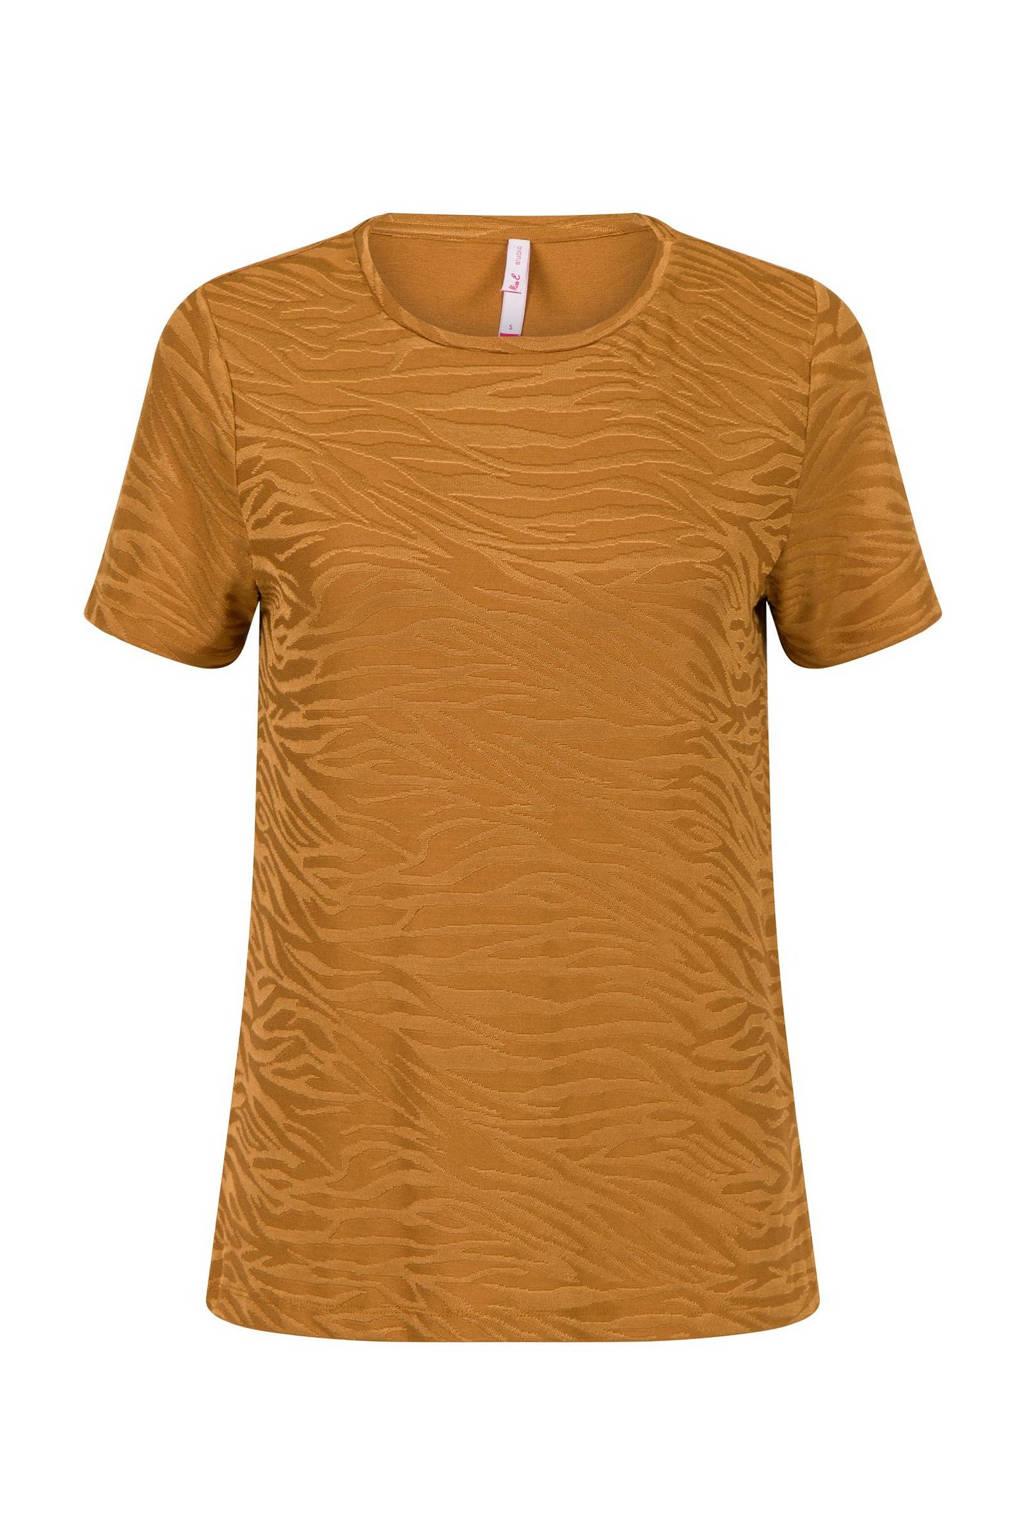 Miss Etam Regulier T-shirt met zebraprint bruin, Bruin